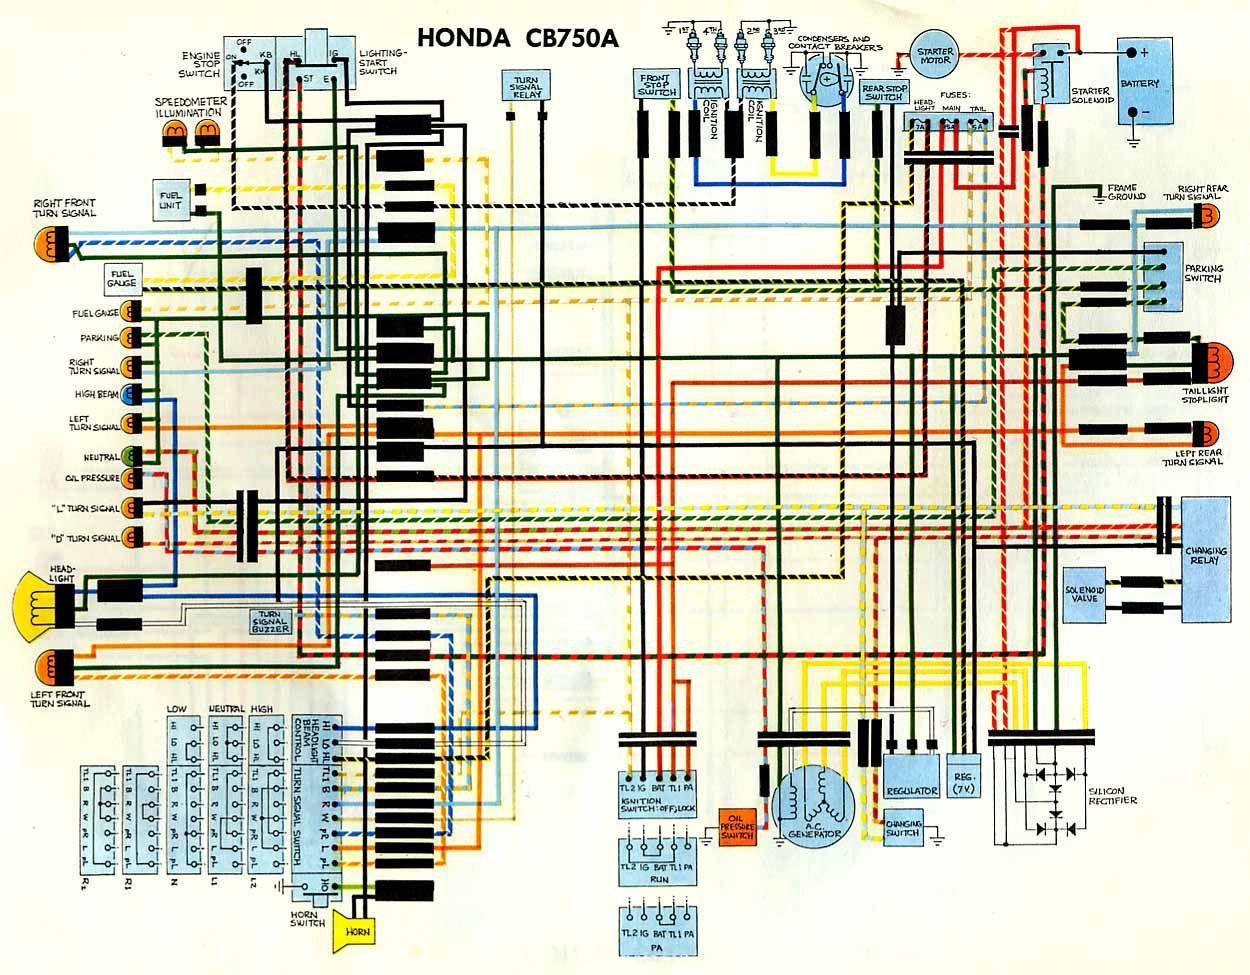 Hero Honda Wiring Diagram Bookingritzcarlton Info Electrical Wiring Diagram Electrical Wiring Motorcycle Wiring